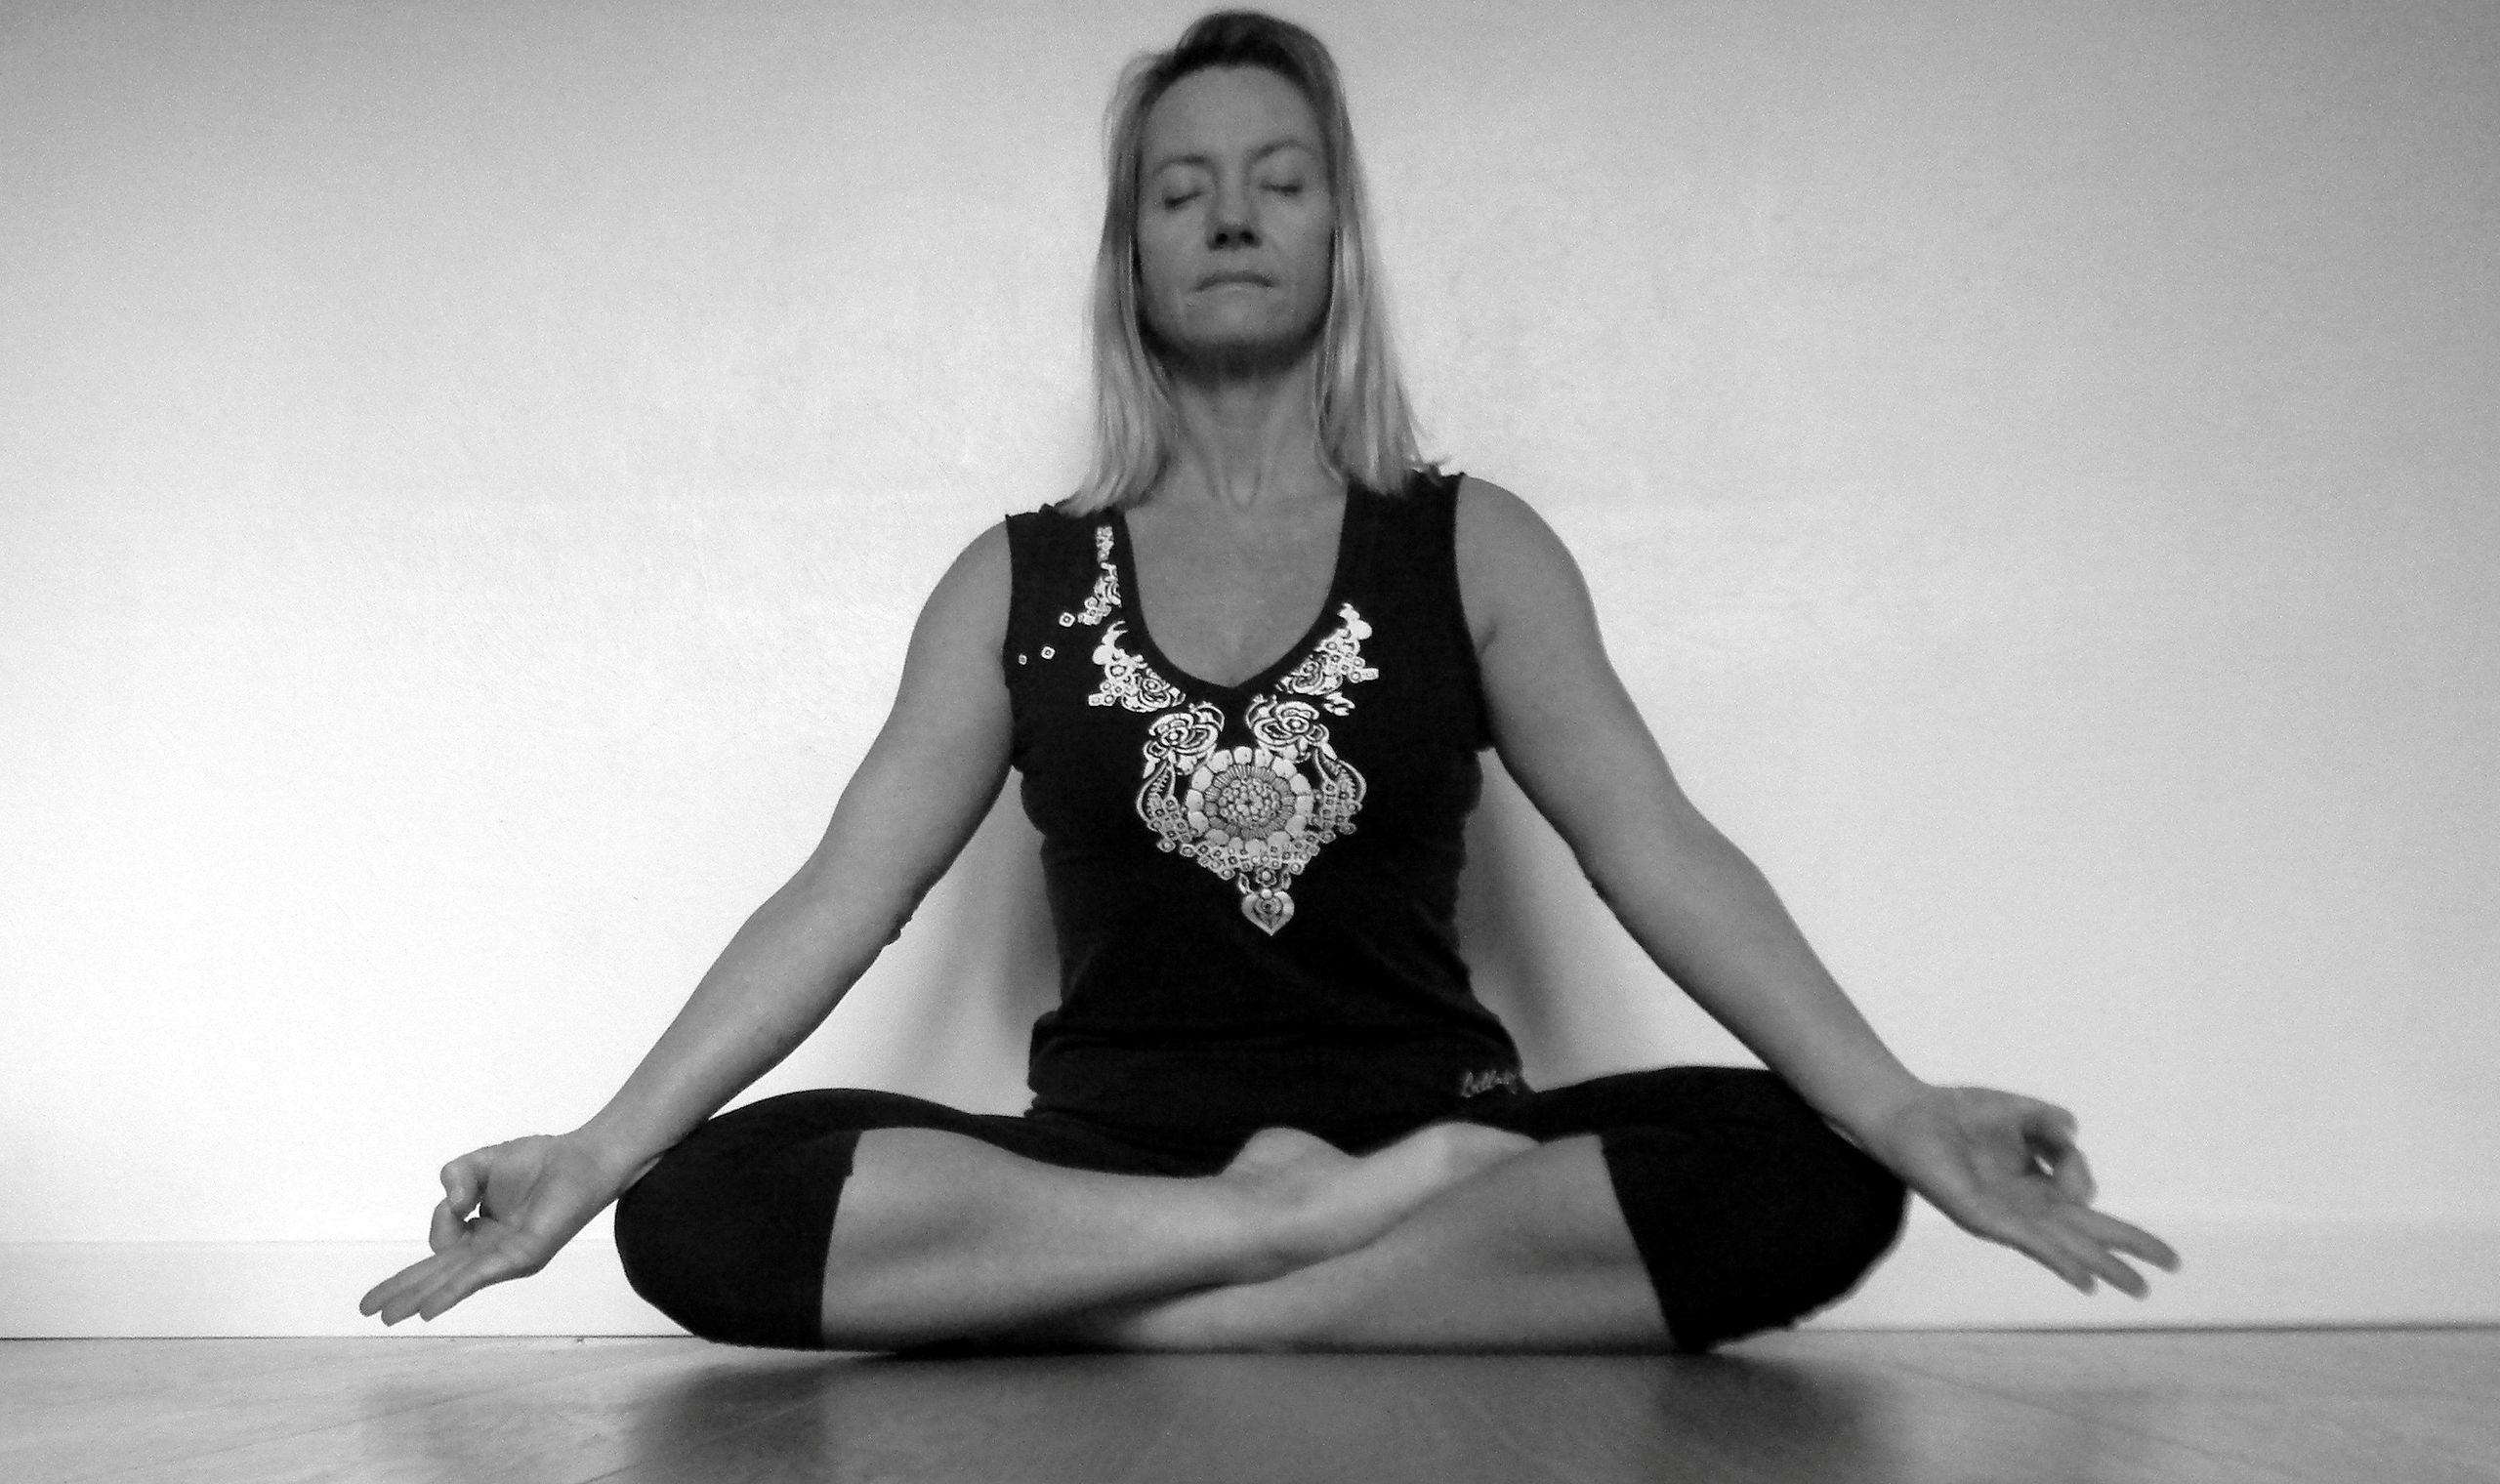 The Siddhasana Posture